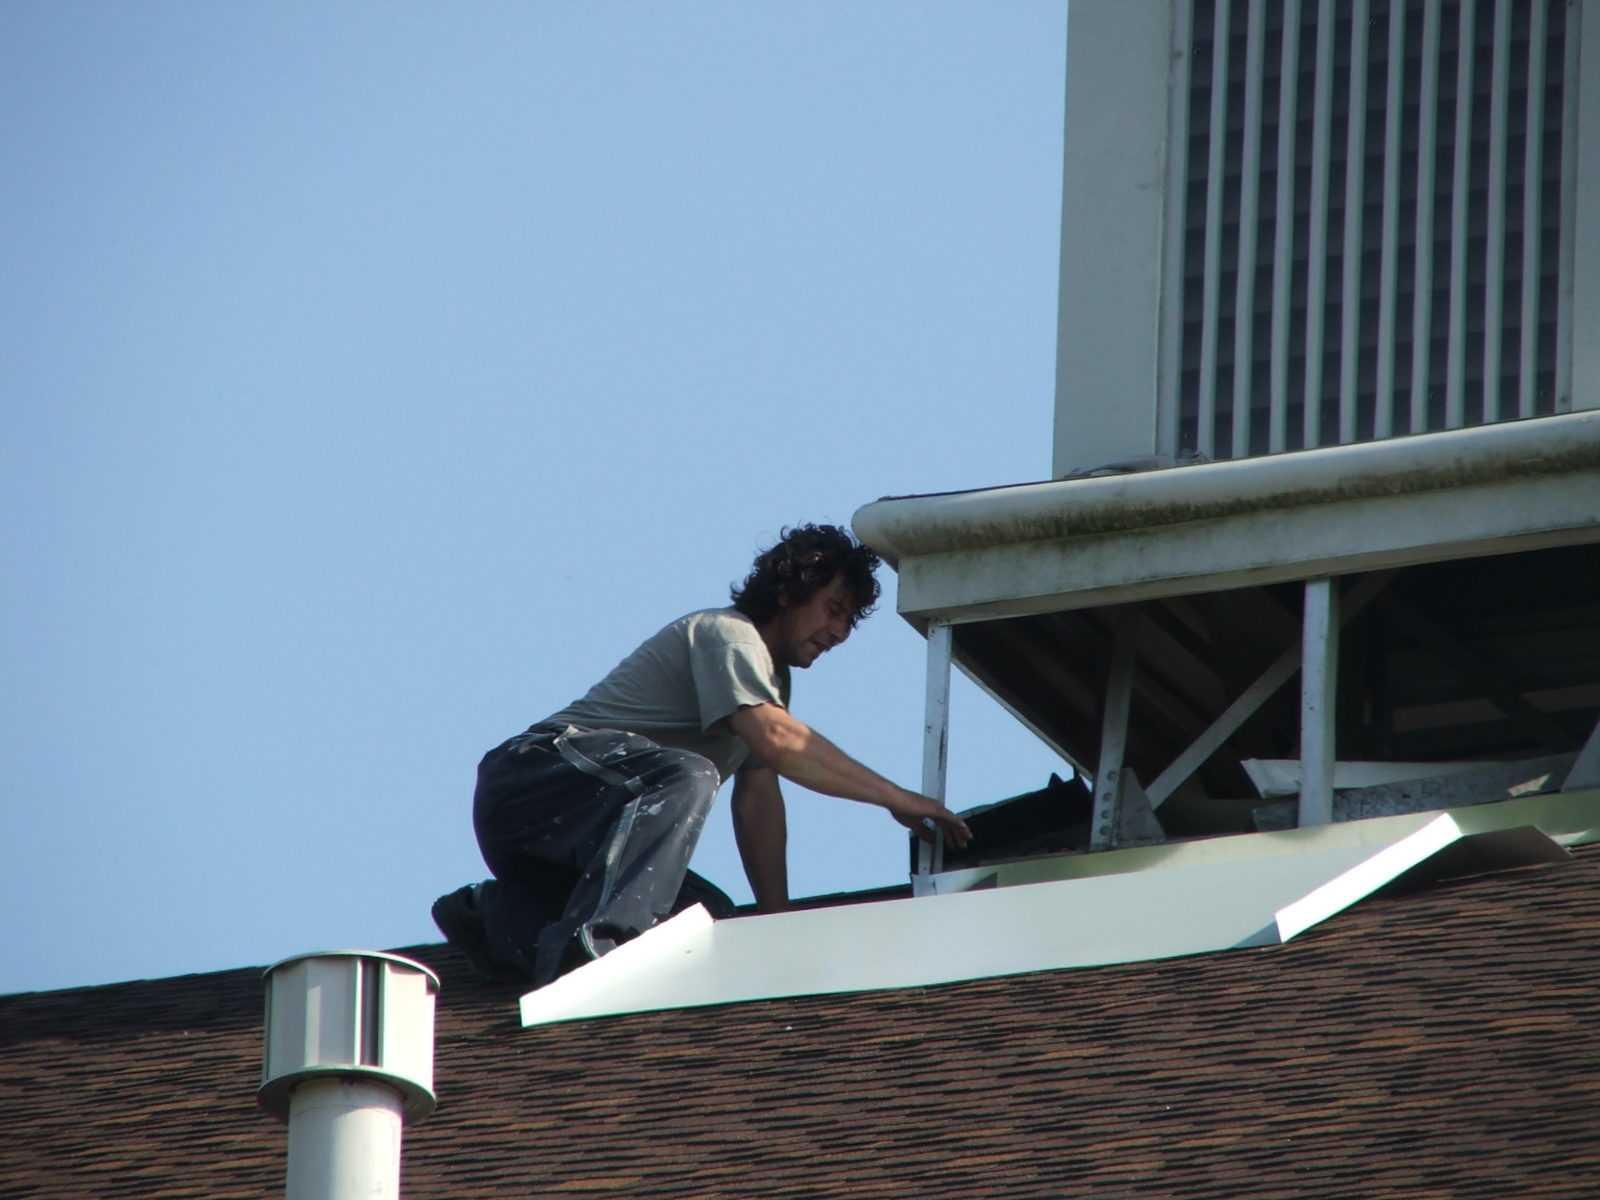 Repairing steeple leaks